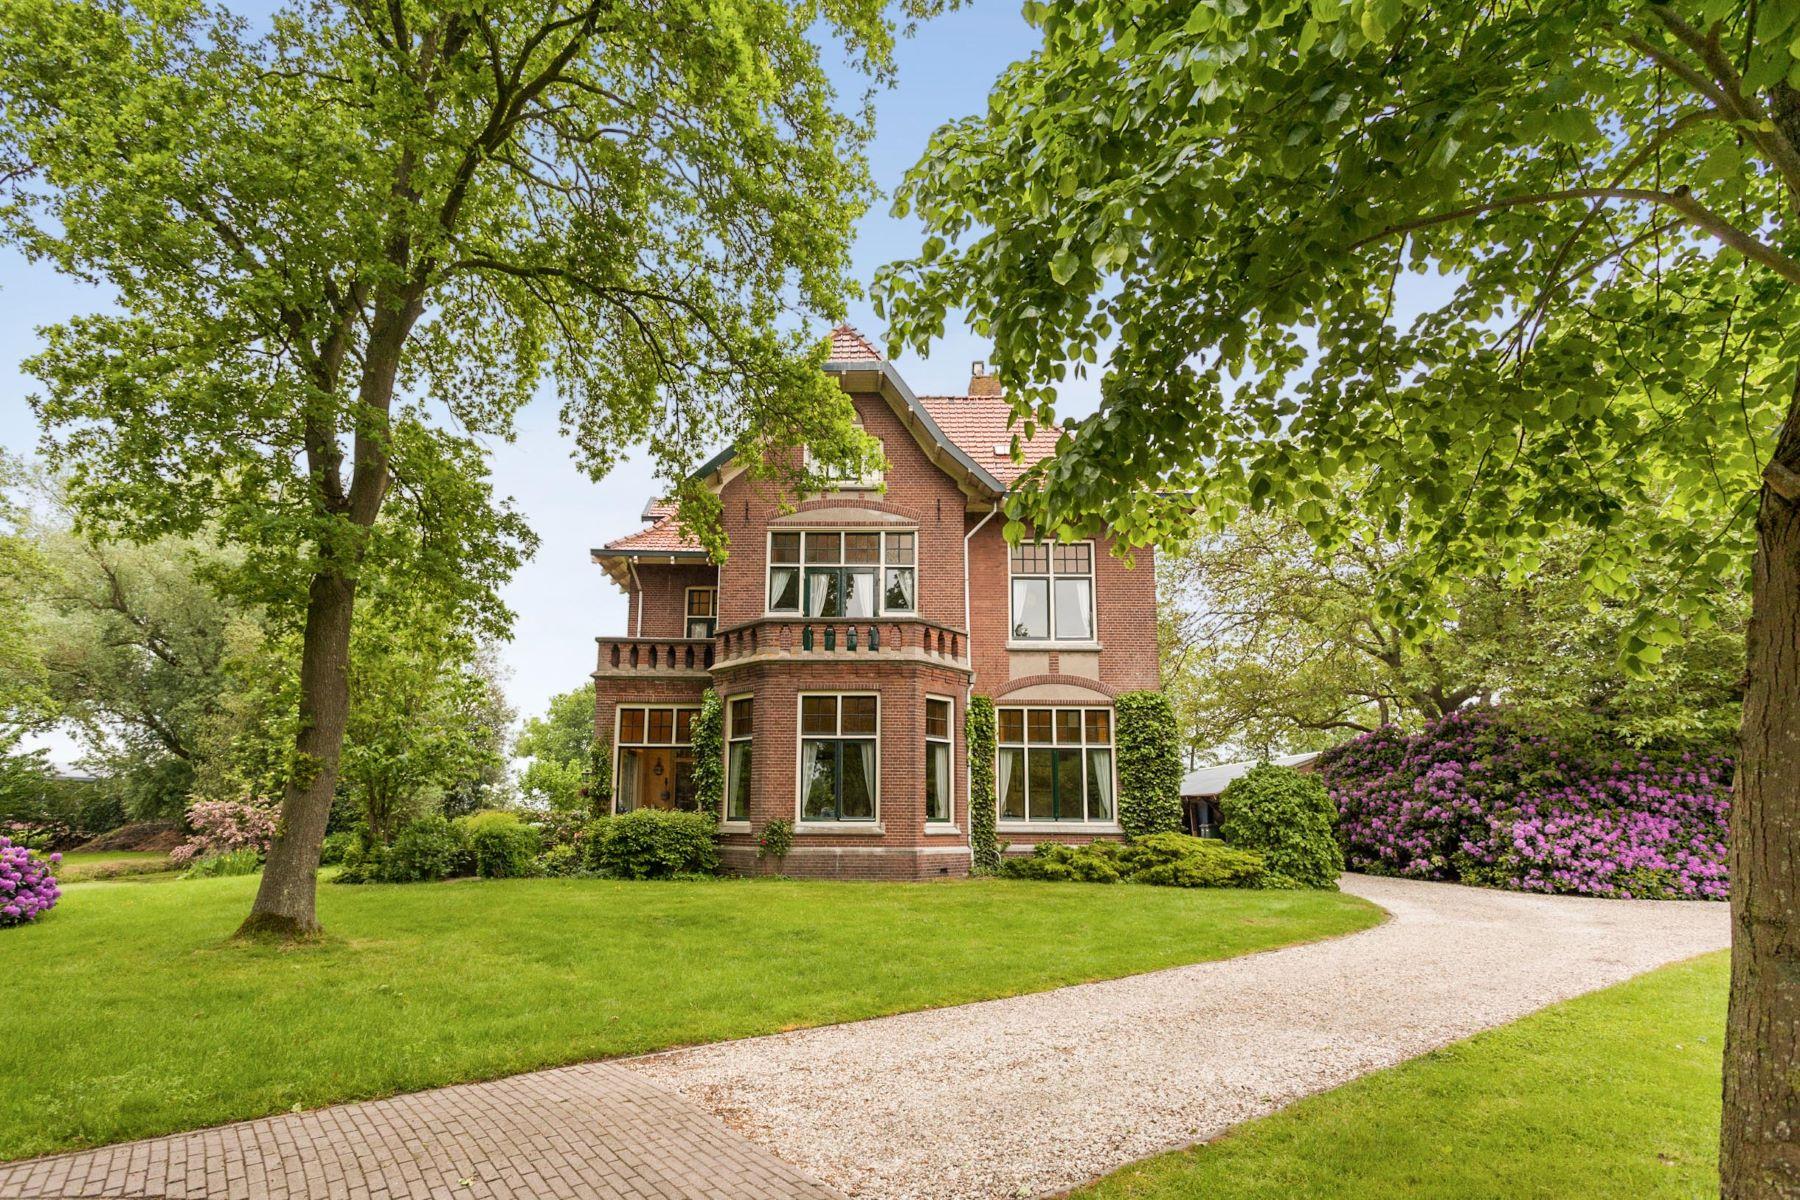 Single Family Homes for Active at Former Steward's Mansion Rollecate 40 Punthorst, Overijssel 7715 RL Netherlands